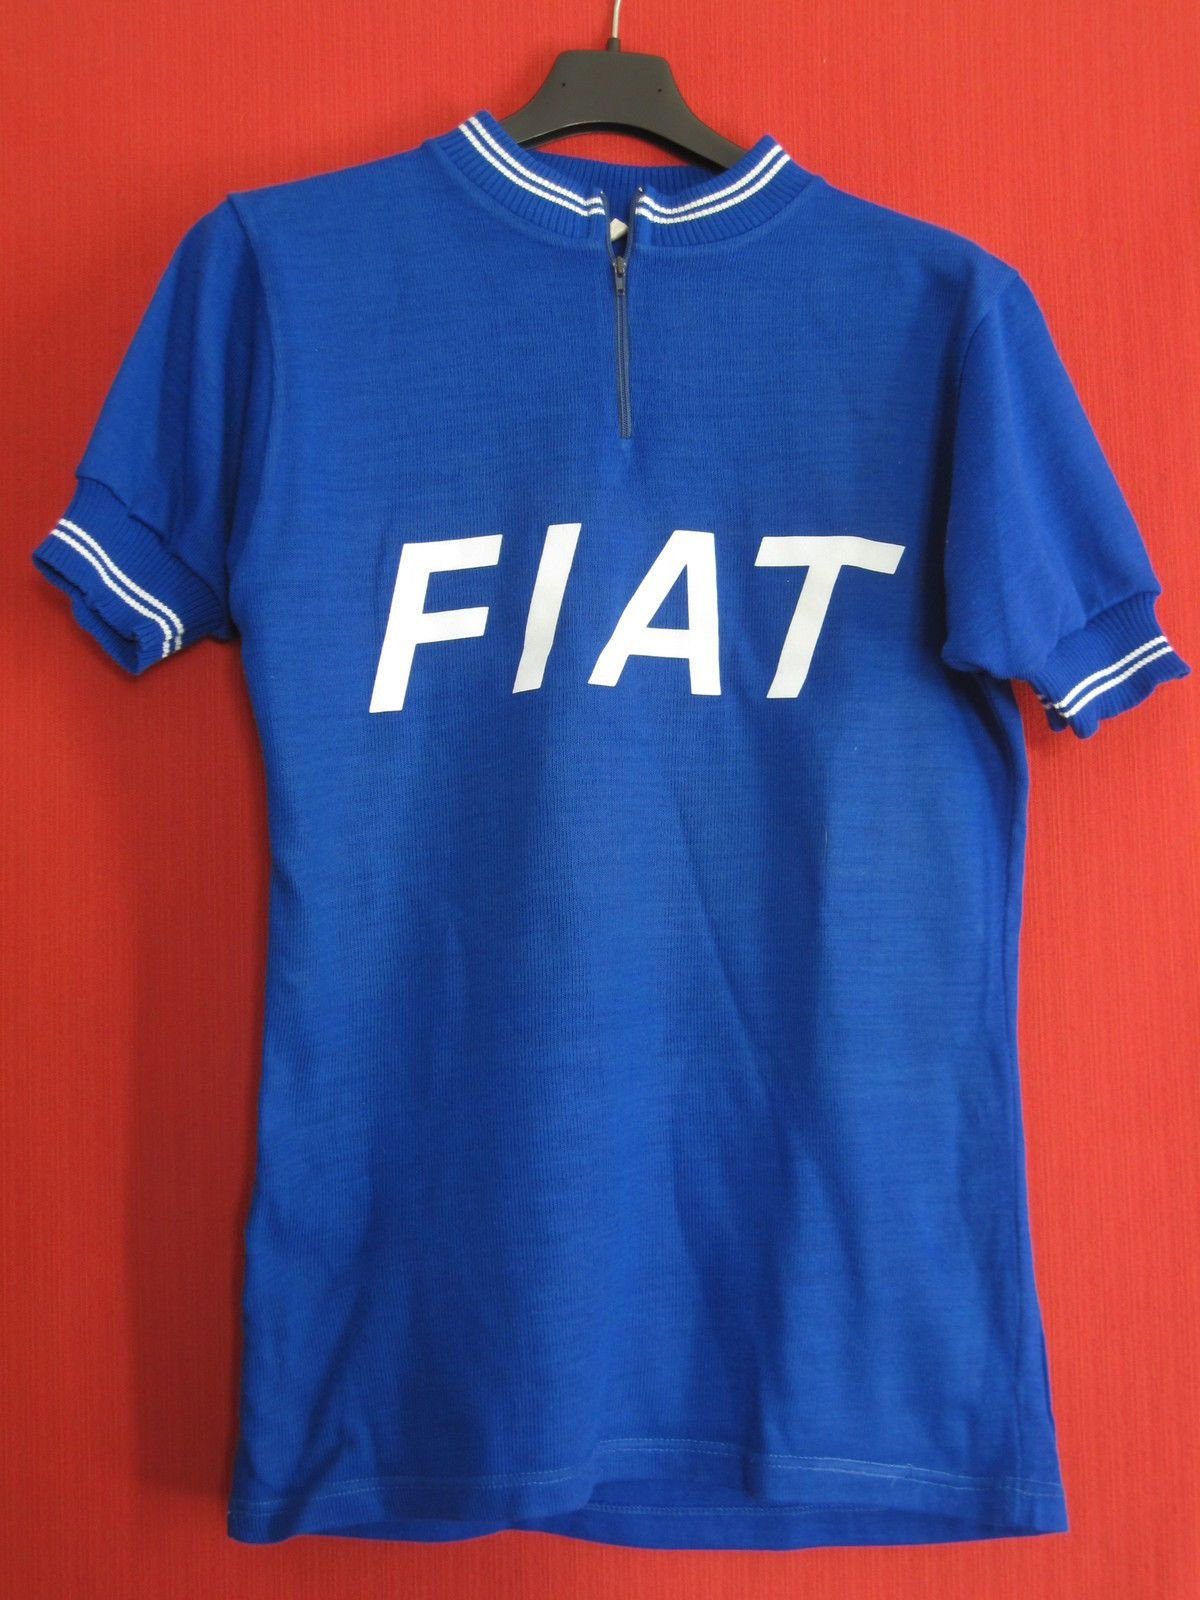 Maillot Cycliste Fiat Automobile Vintage Rare Tour DE France S M ... e789f48f0